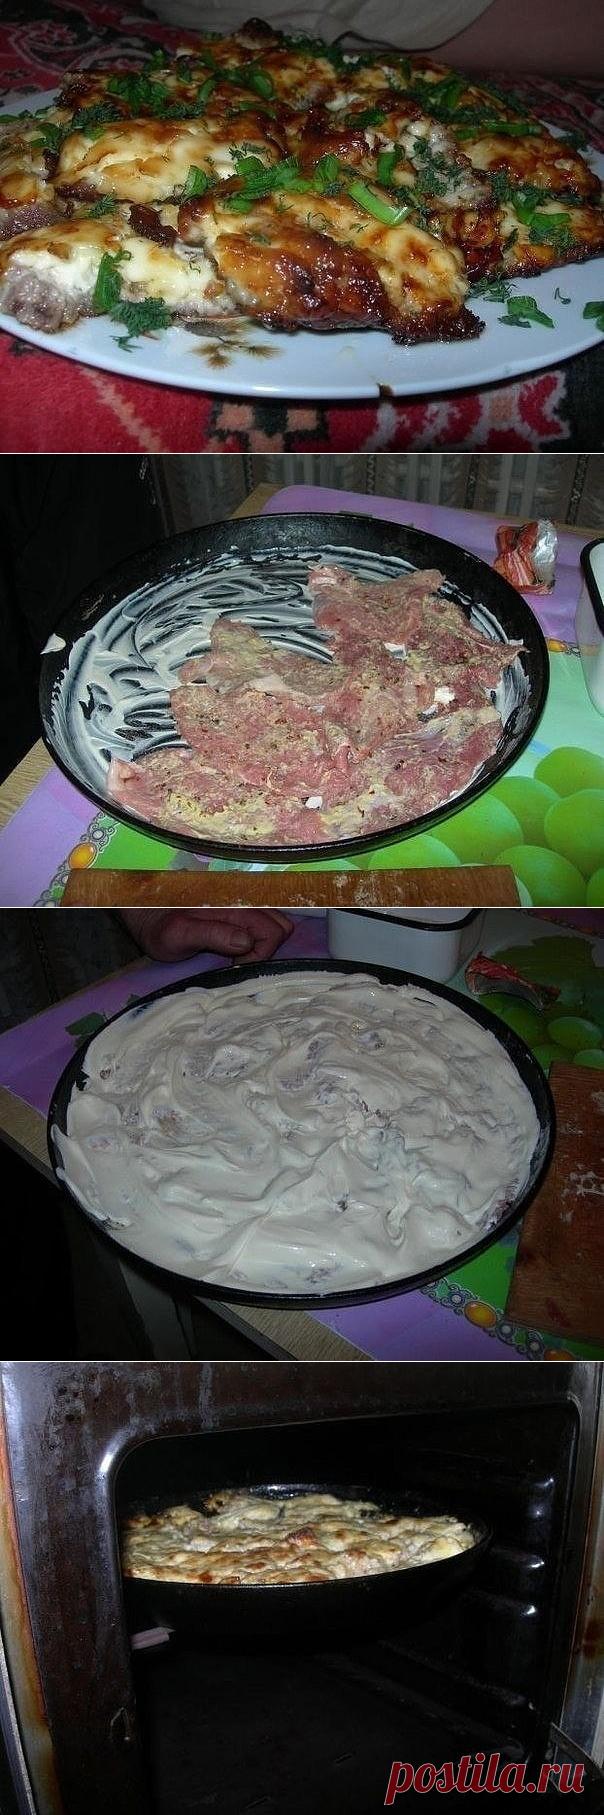 Как приготовить мясо - вкусно и просто  - рецепт, ингредиенты и фотографии